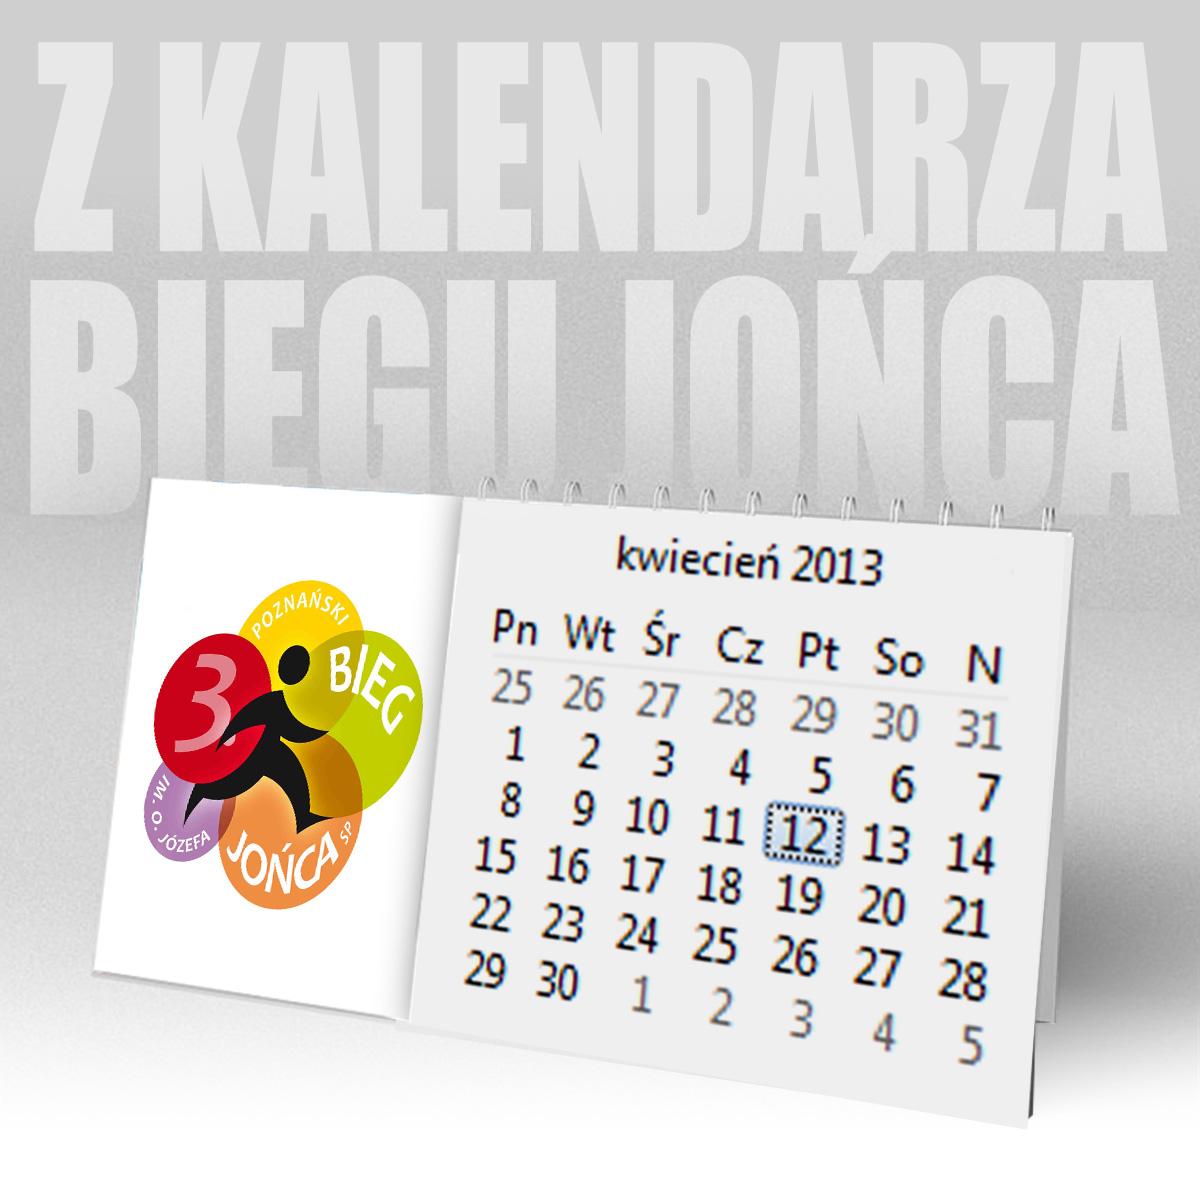 kalendarzyk_bieg 3